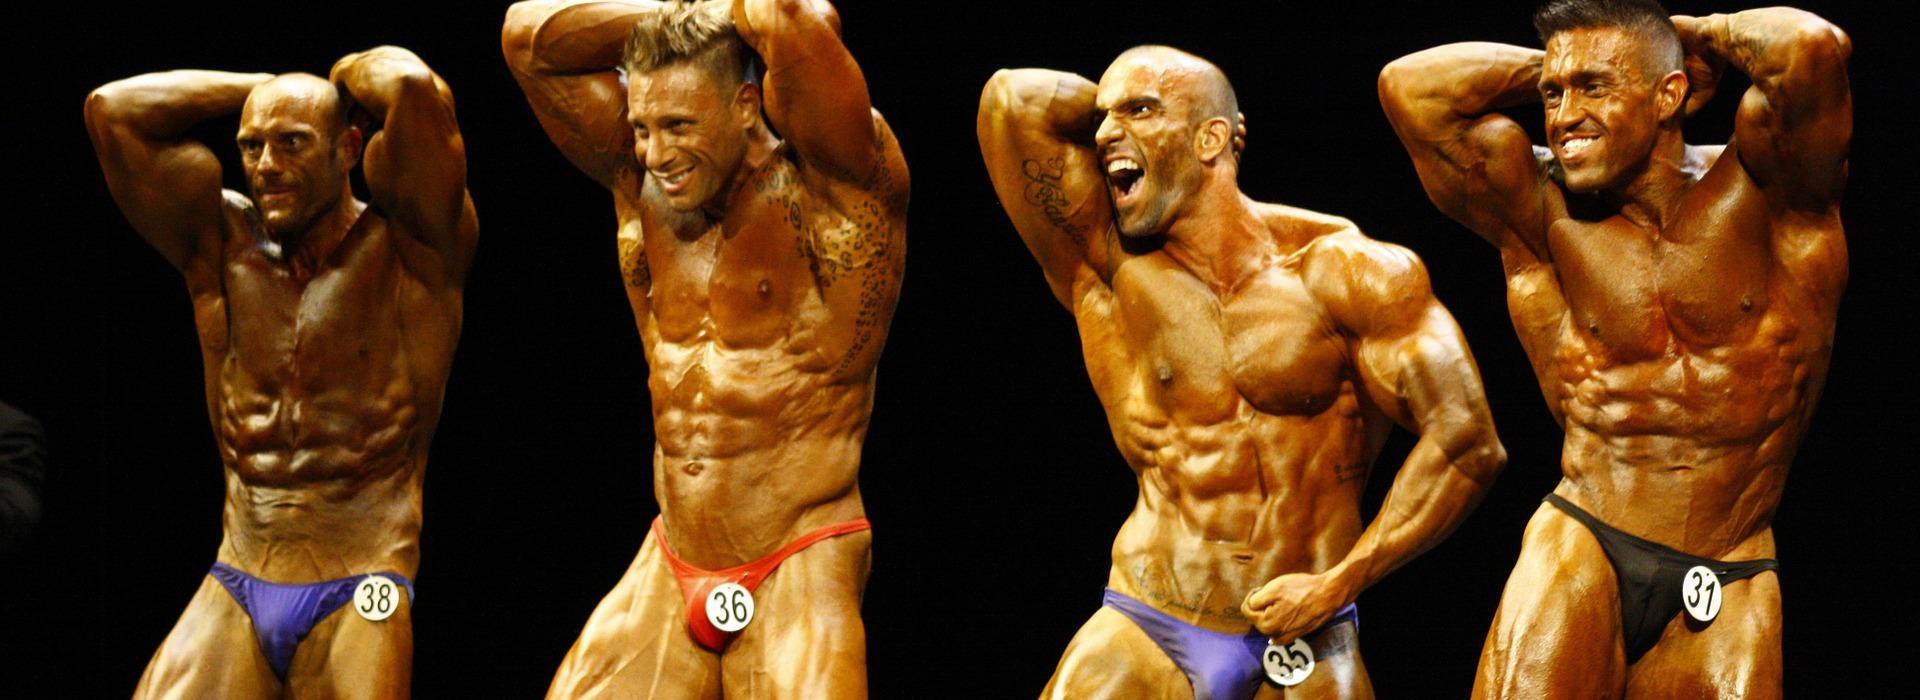 Bodybuilding Athleten Bühne